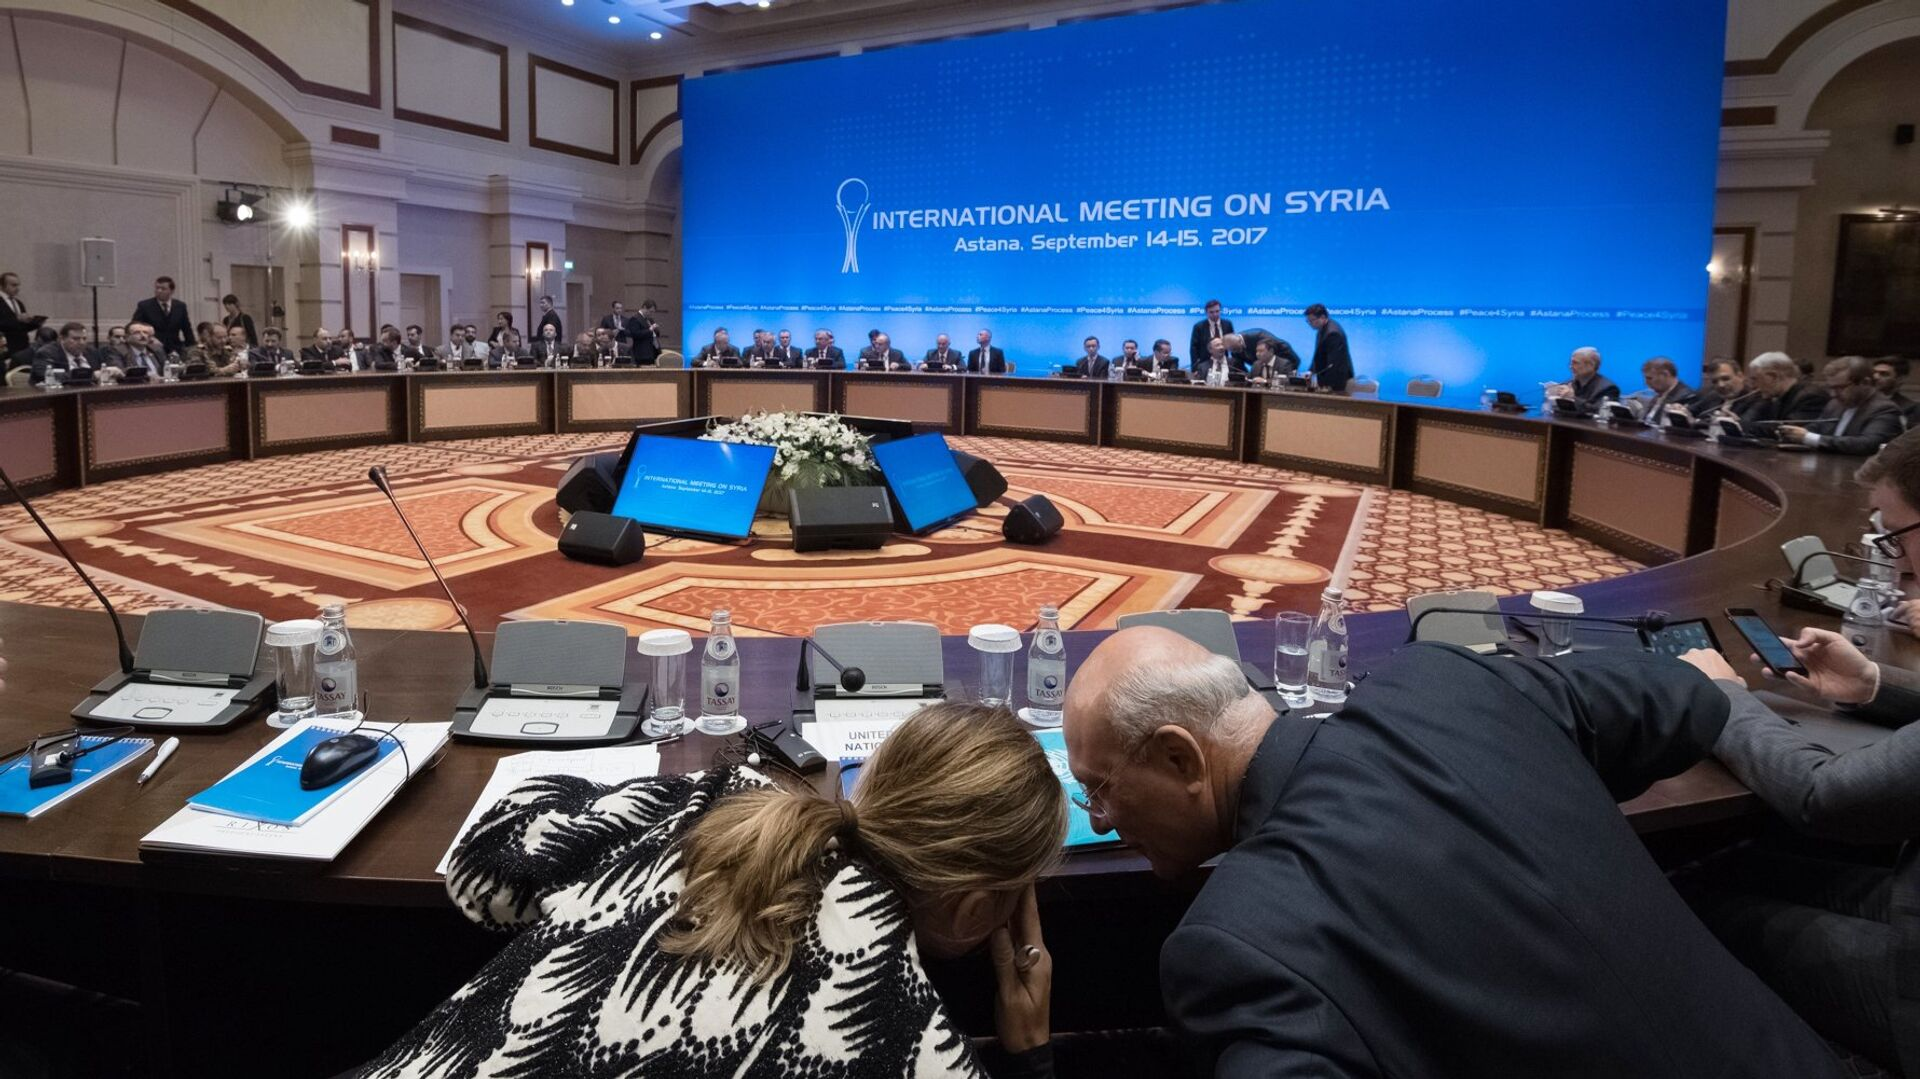 Участники заседания совместной оперативной группы по сирийскому урегулированию на международной встрече в Астане. 15 сентября 2017 - РИА Новости, 1920, 07.07.2021